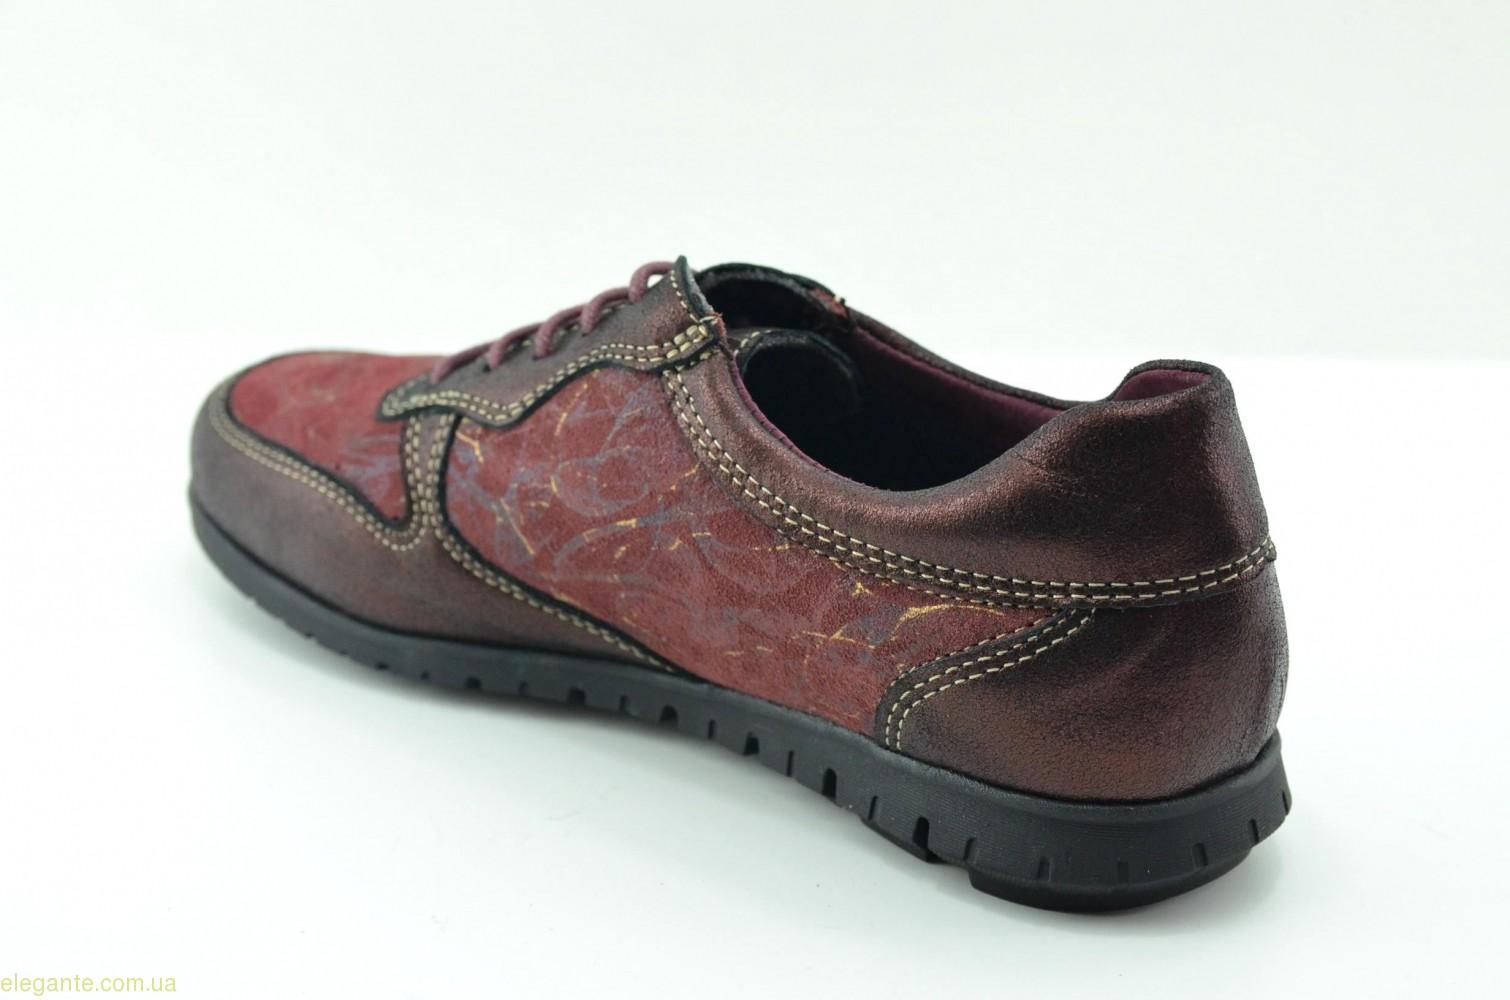 Жіночі туфлі щоденні DIGO DIGO3 бордові 0